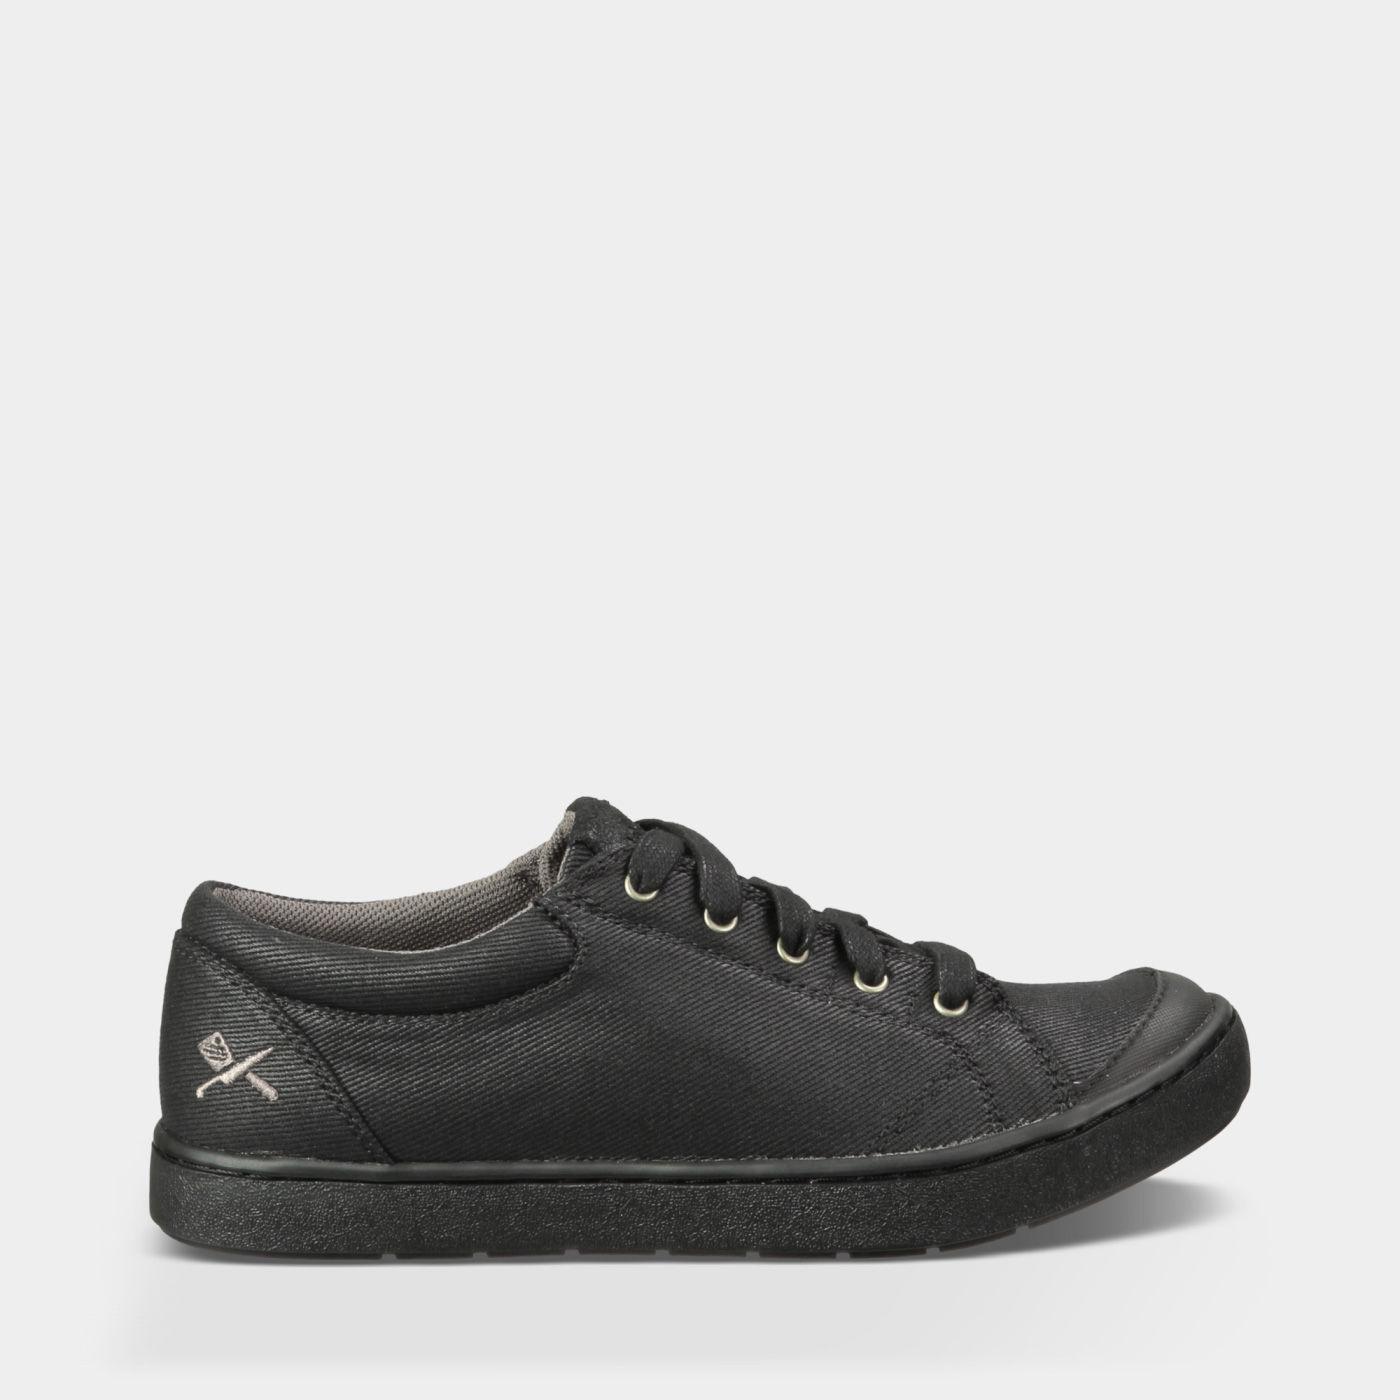 mozo 3738 6 5 s maven canvas shoes slip resistant